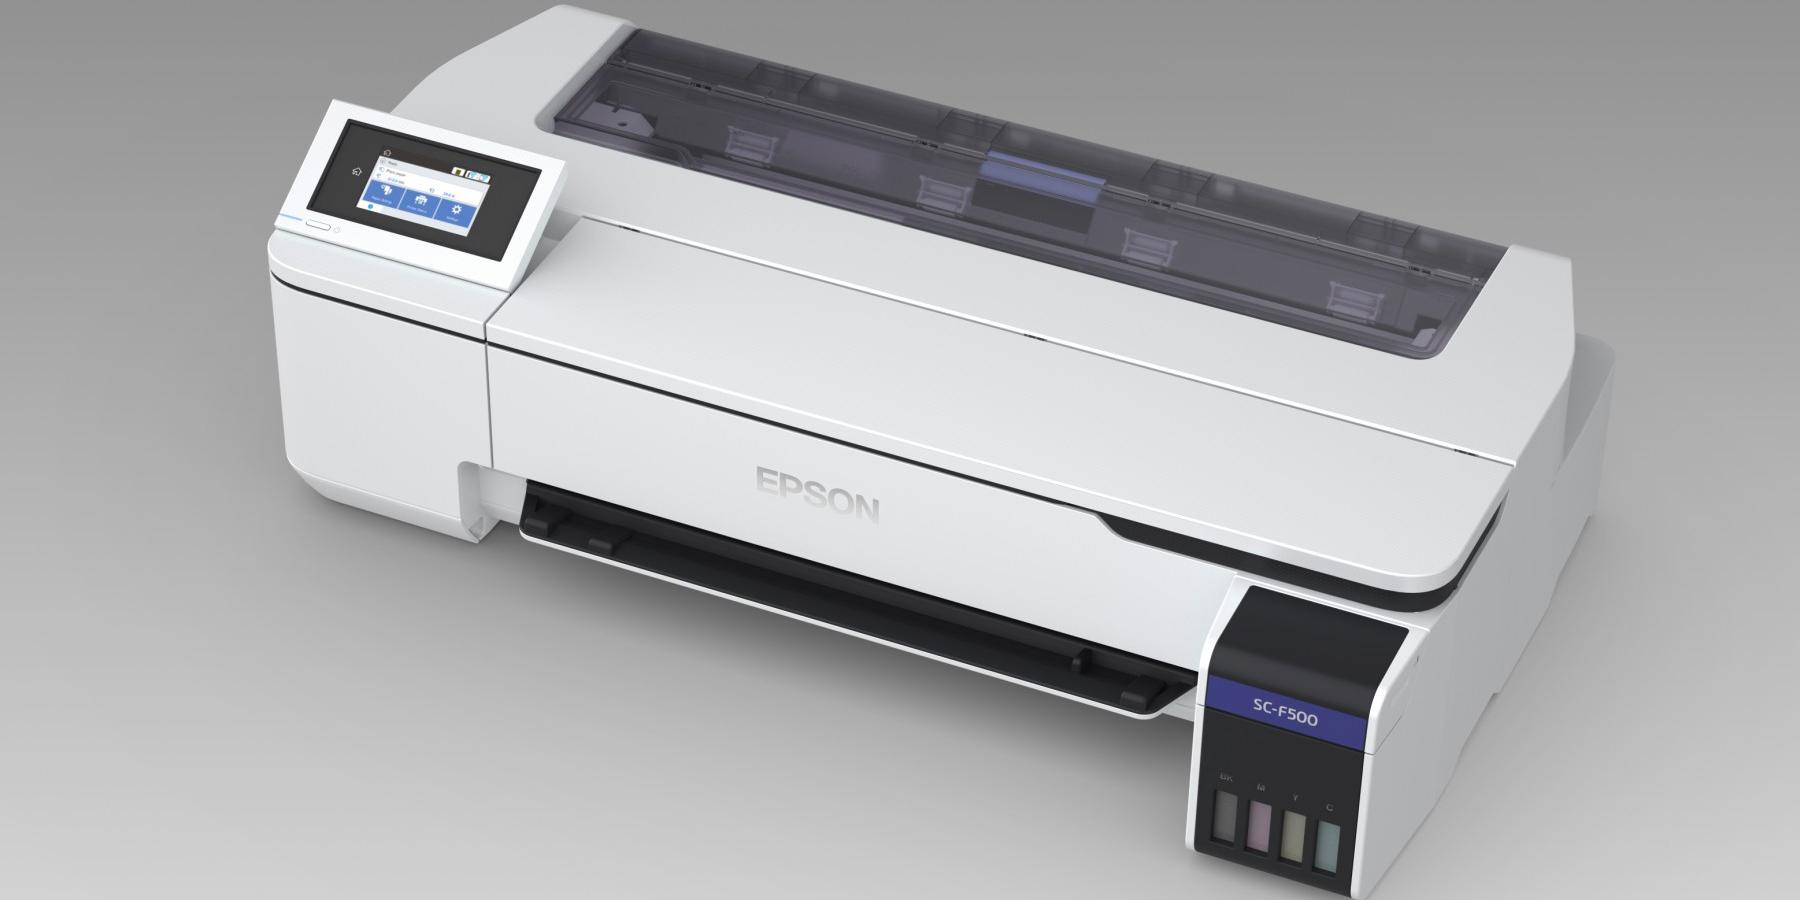 La machine SureColor SC-F500 du constructeur Epson ouvre la voie à l'impression par sublimation au format 24 pouces.